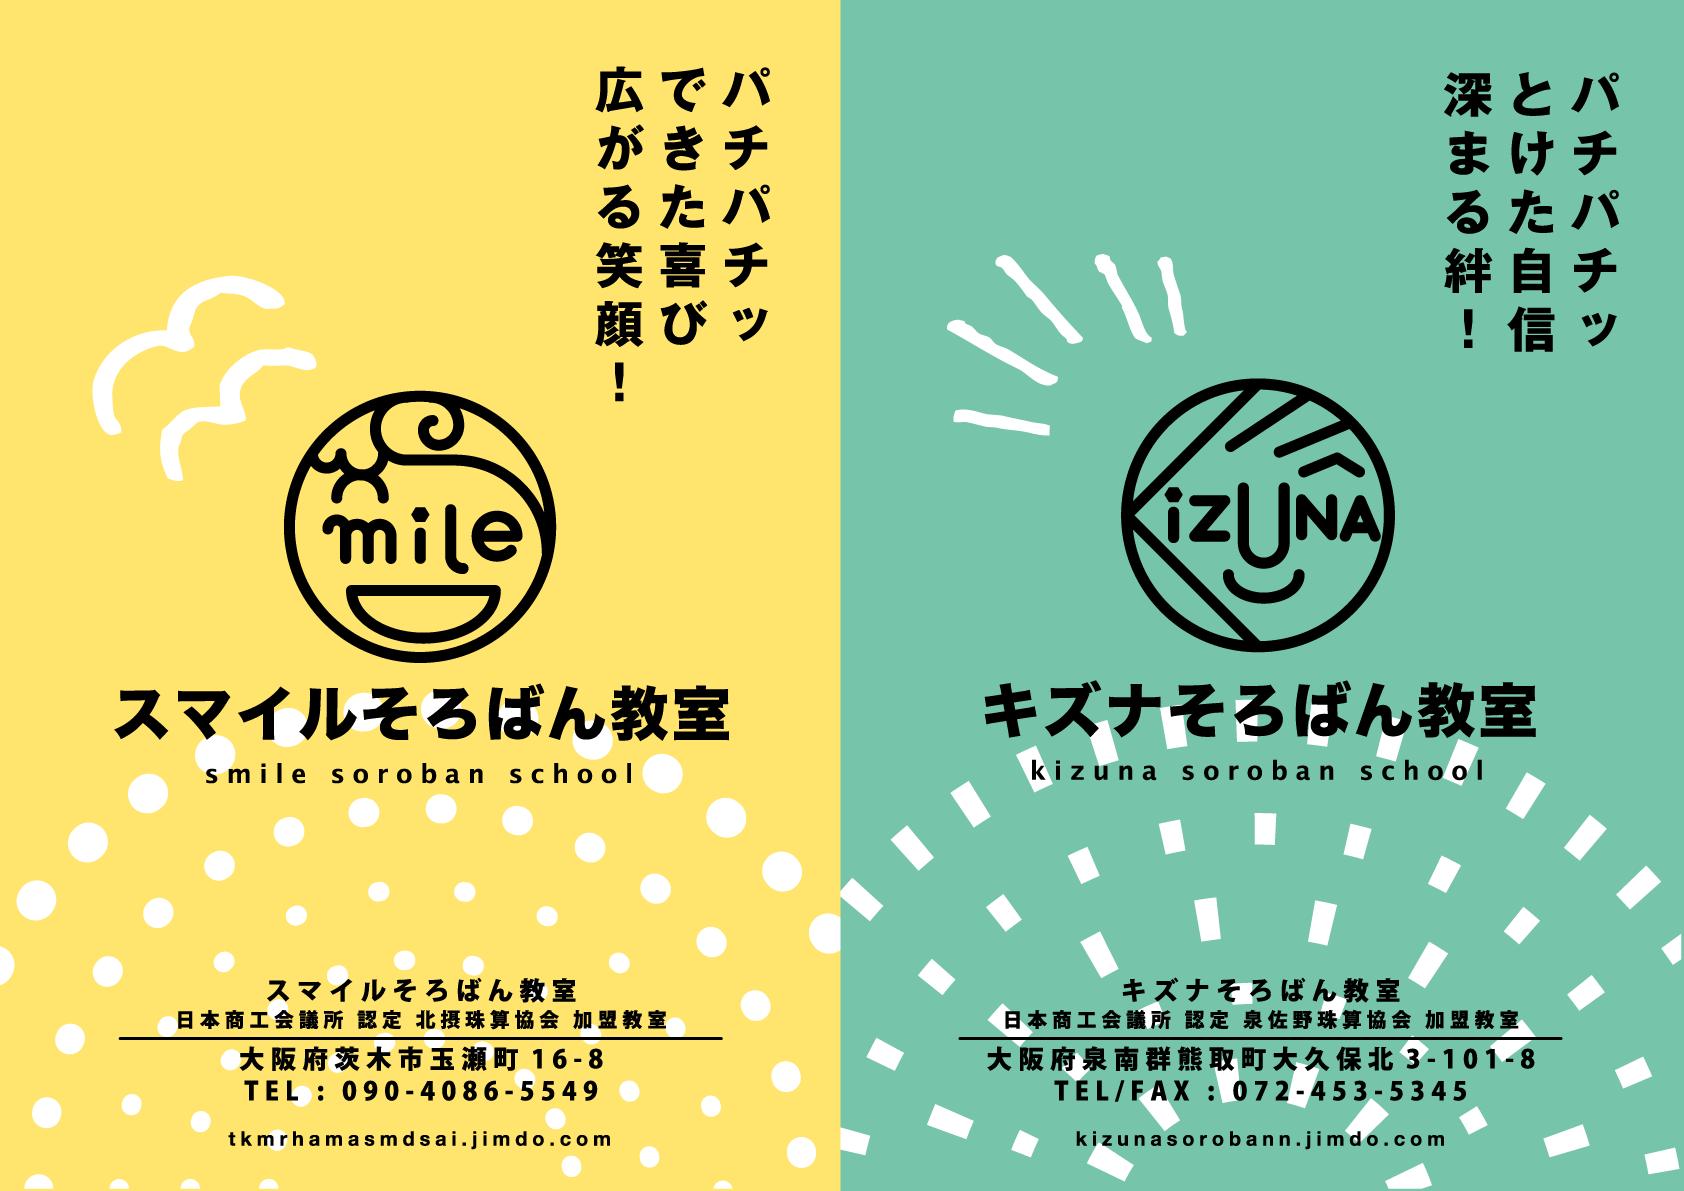 スマイル&キズナそろばん教室 ポスターデザイン